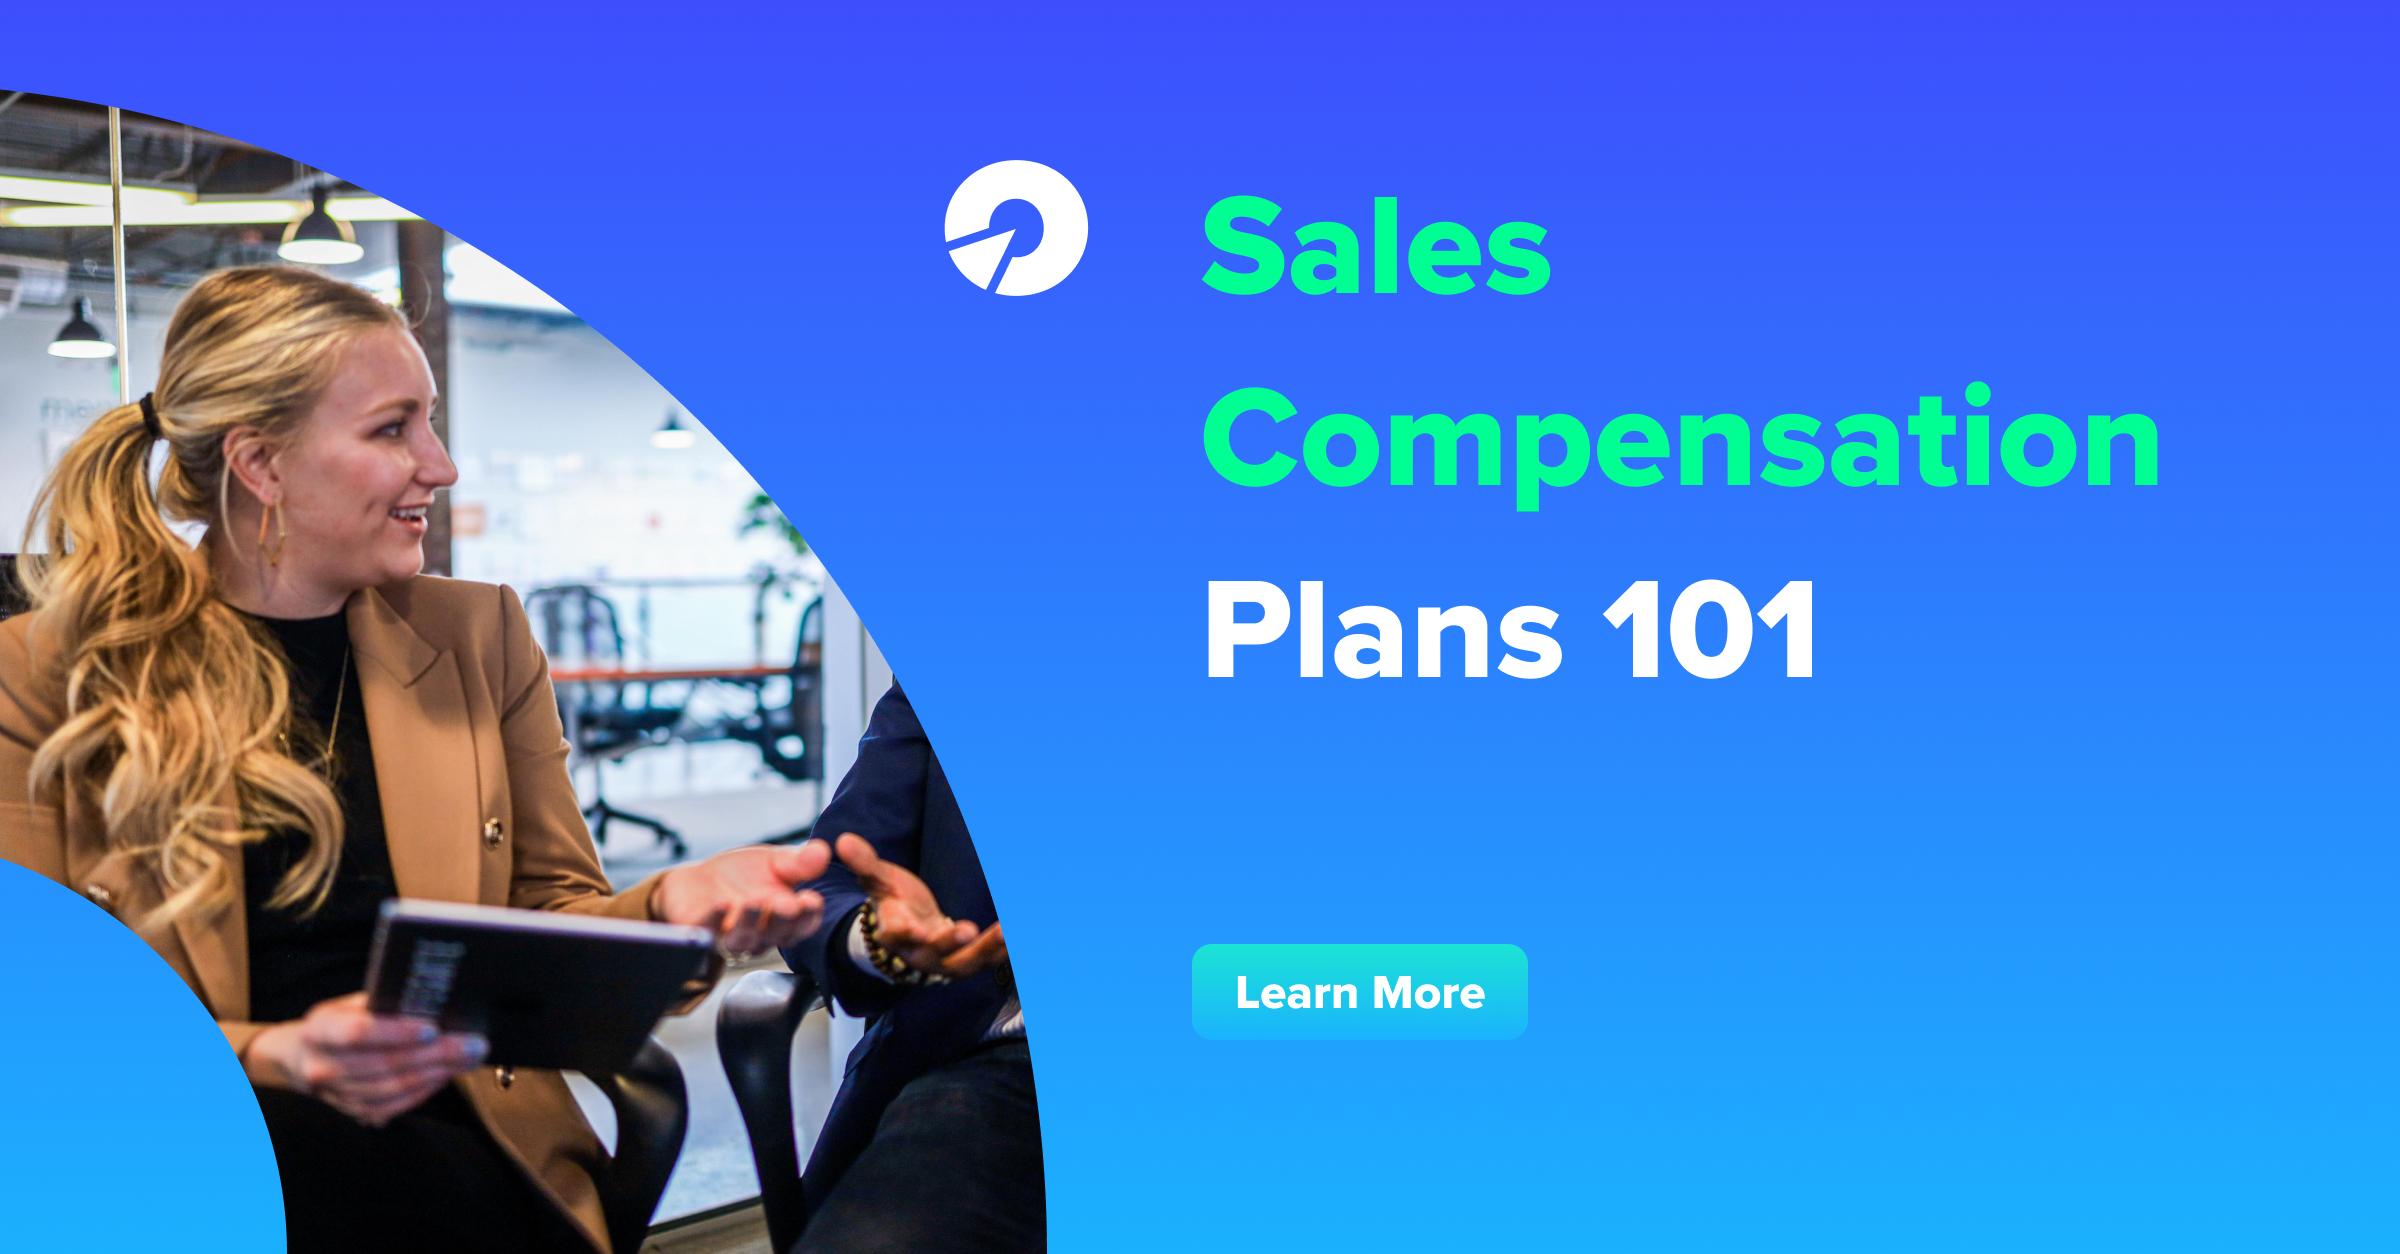 Sales Compensation Plans 101